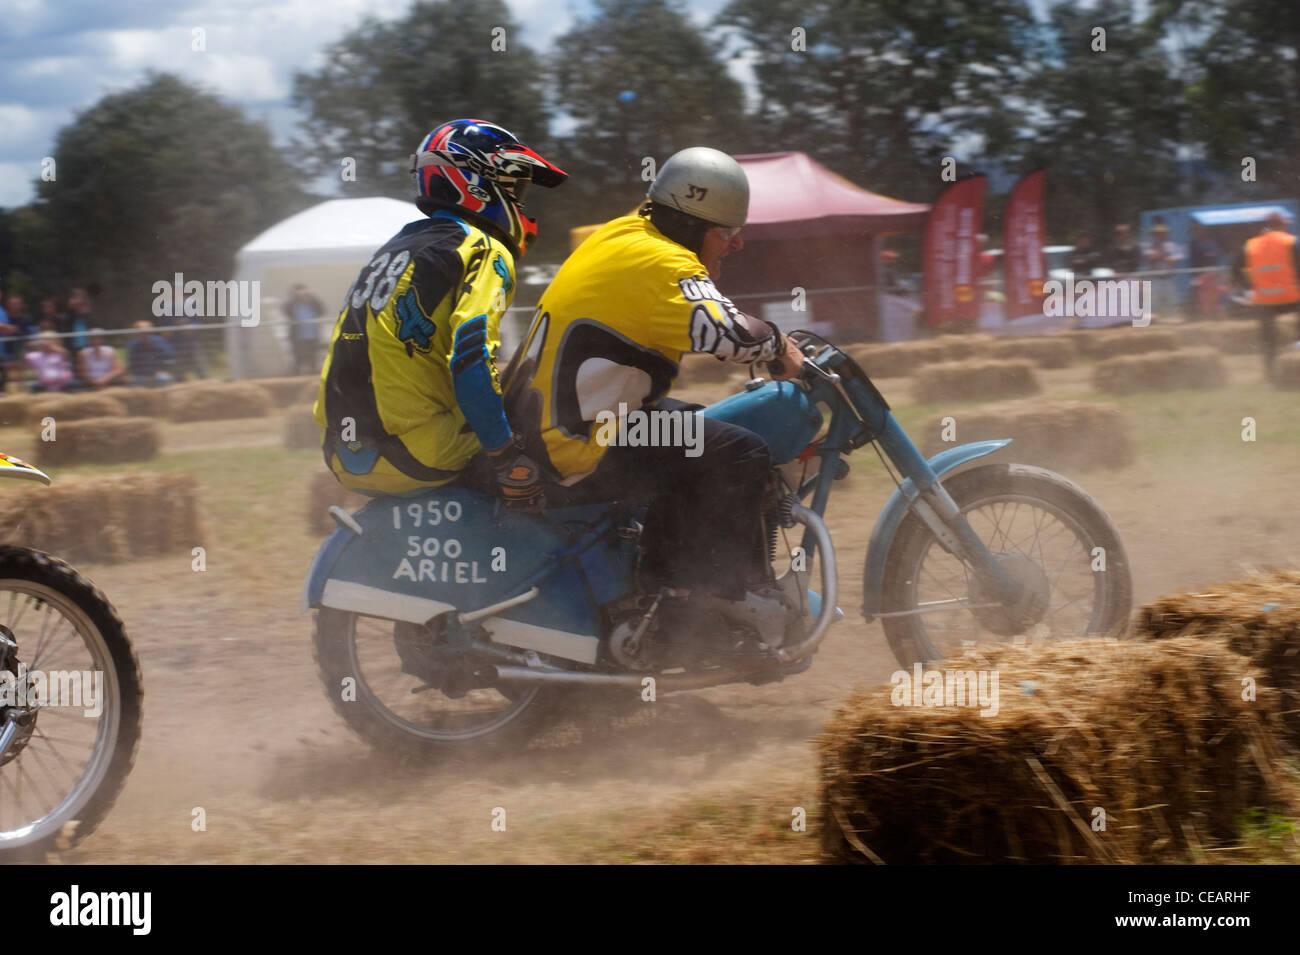 dirt bike sidecar racing - Stock Image